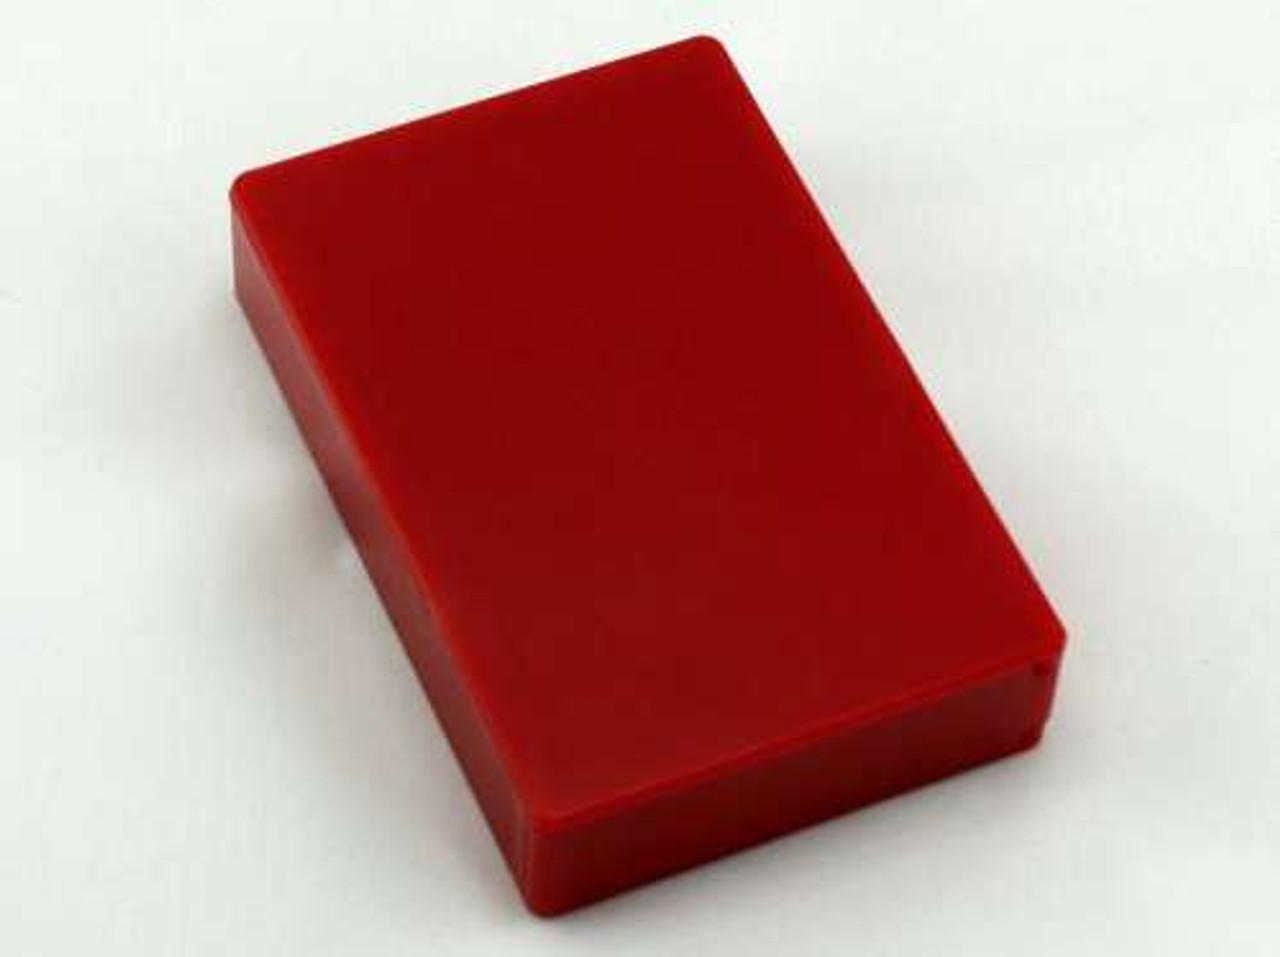 Red Plastic Auto Dispensing Cigarette Case